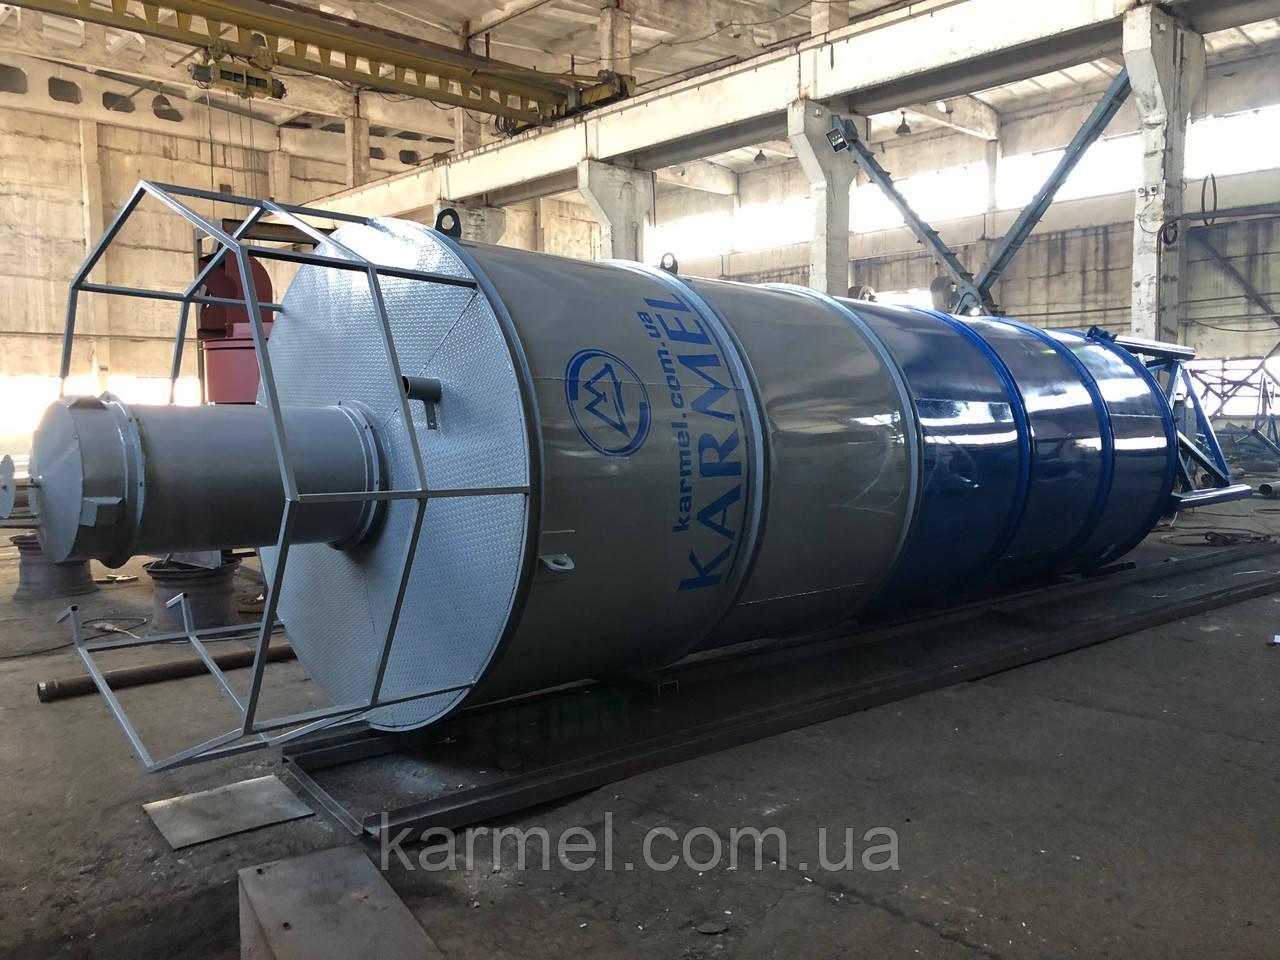 Силос для цемента 50 тон/38 м.куб KARMEL